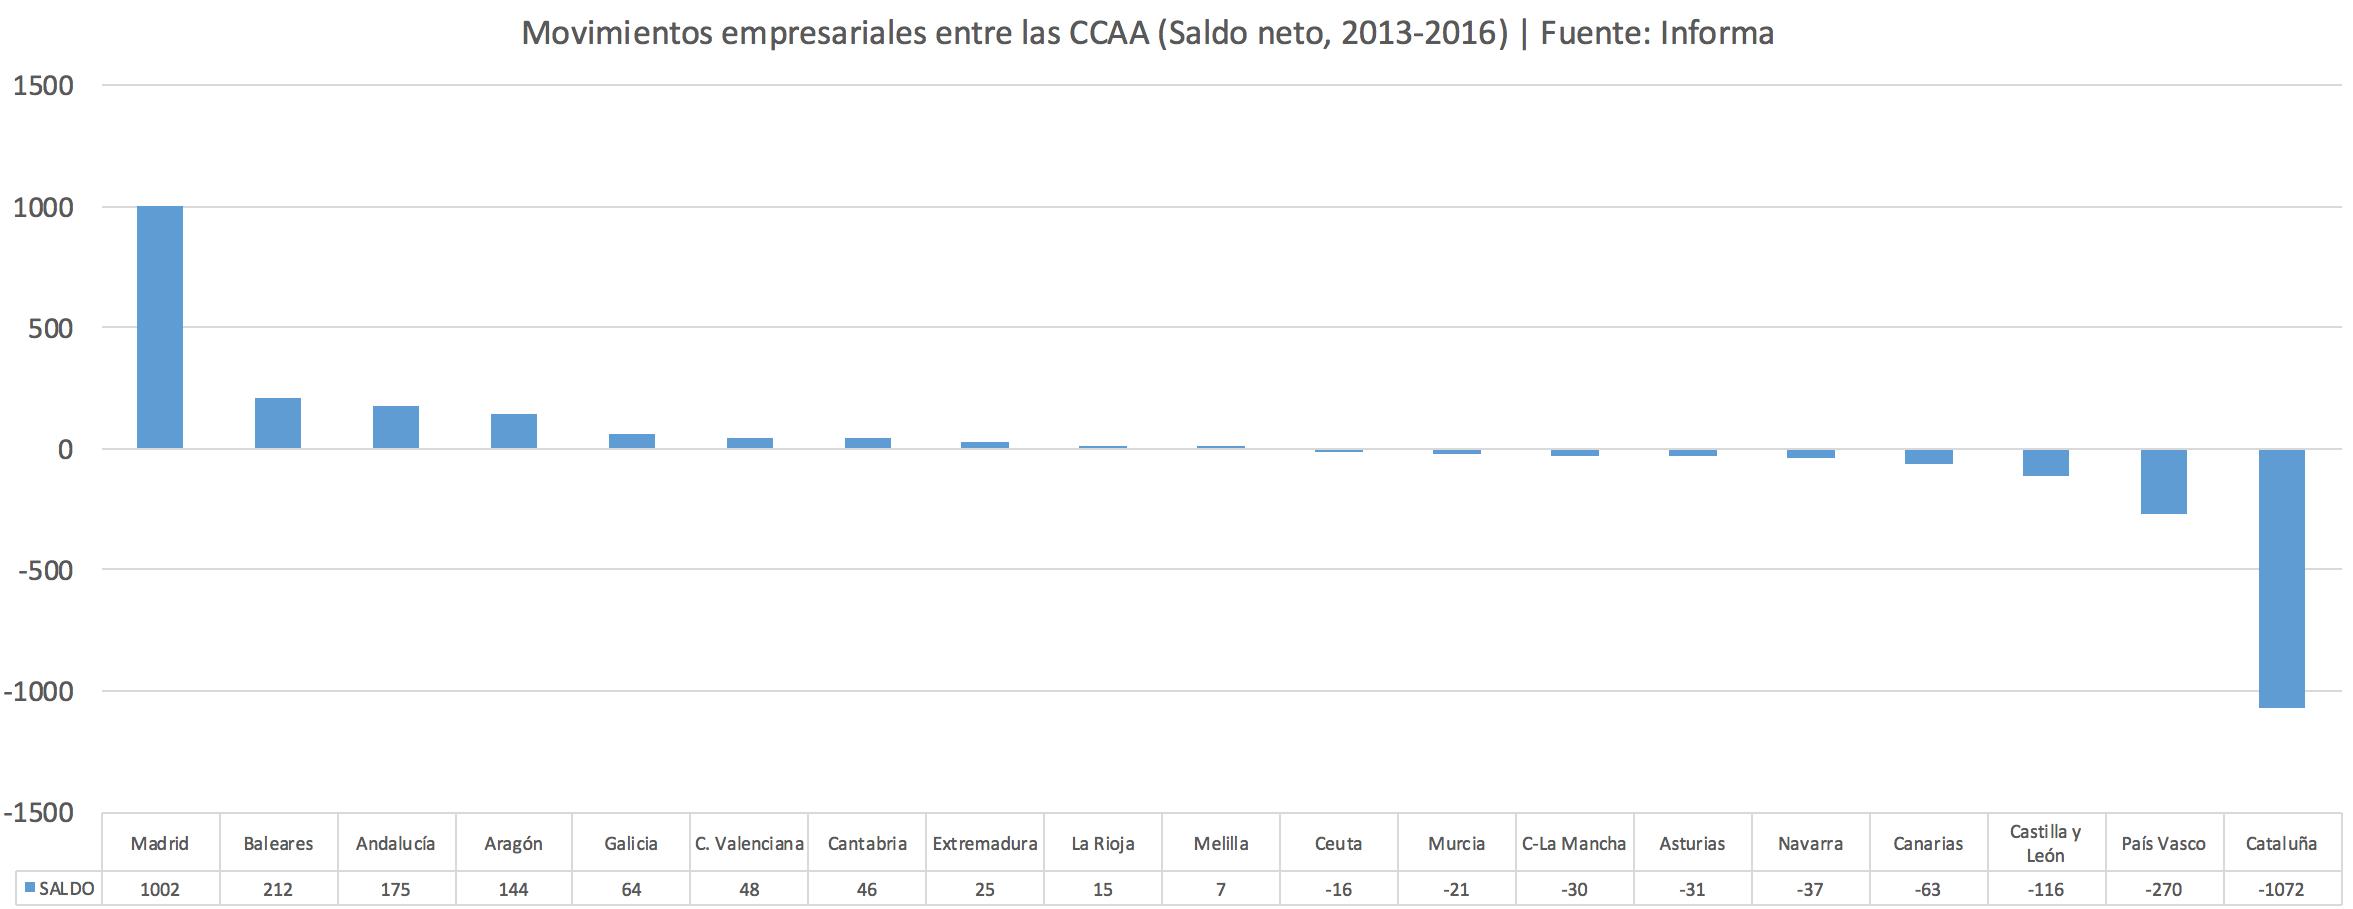 Fuga-empresas-CCAA1.png